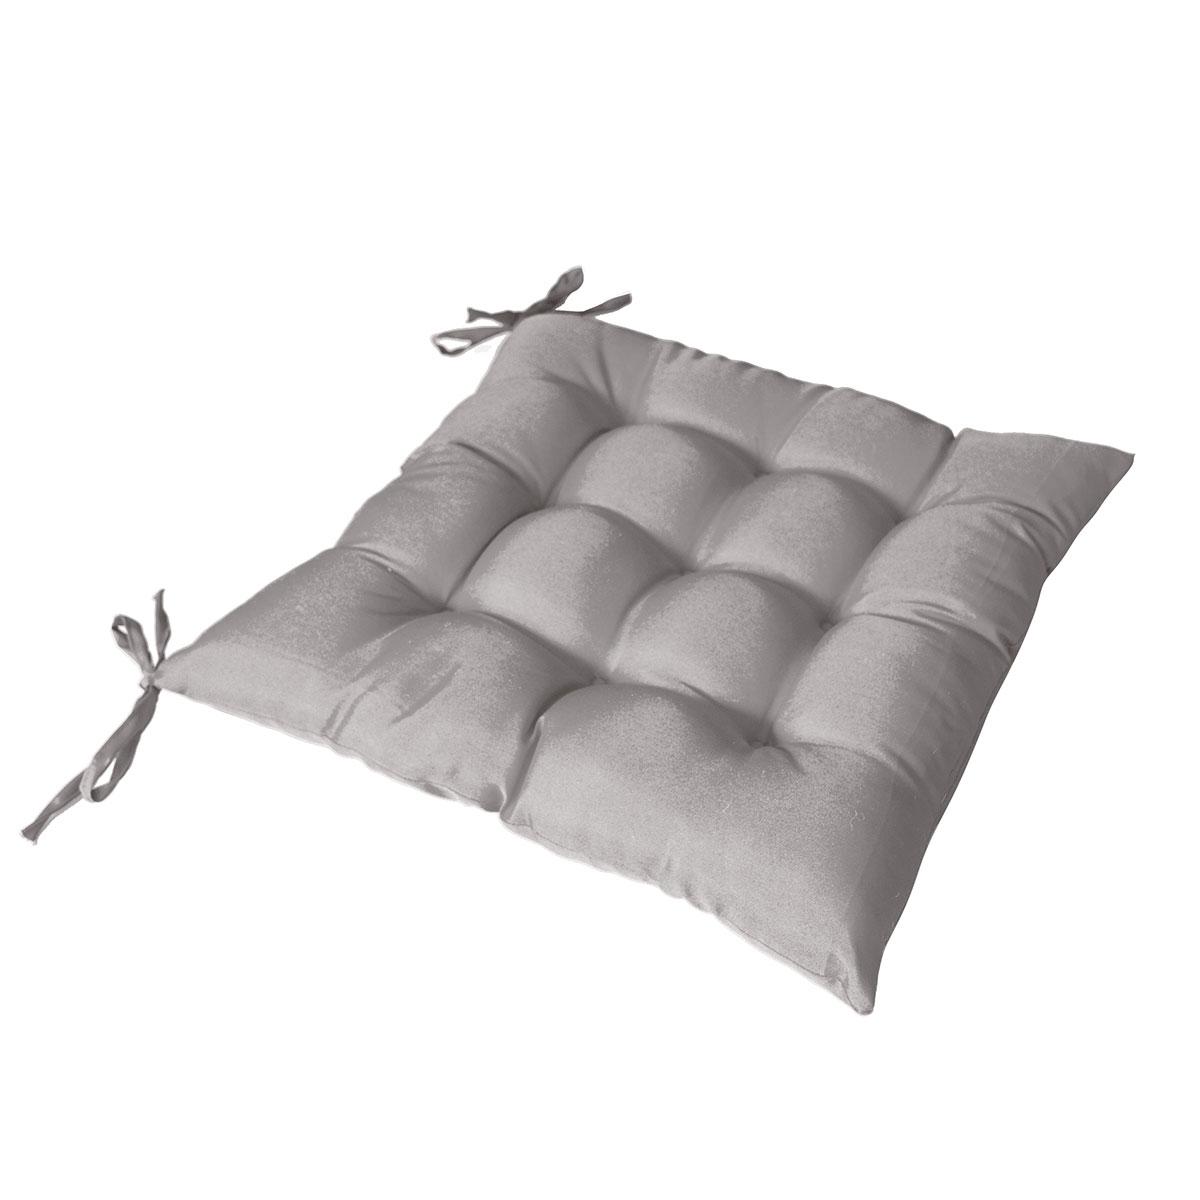 Galette de chaise piquée avec 2 nouettes polyester gris clair 40x40